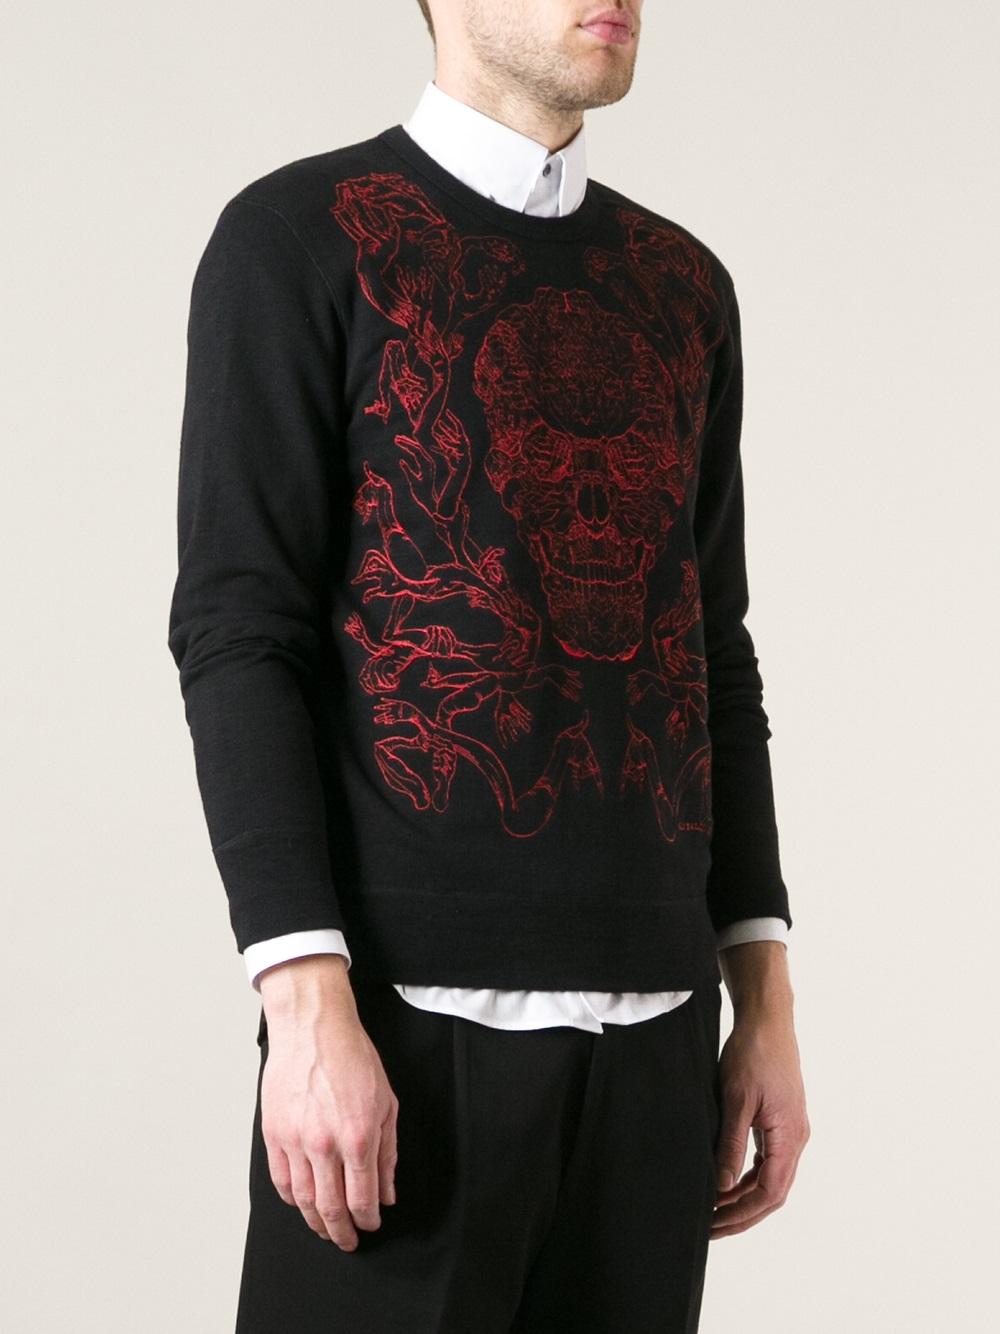 alexander mcqueen skull hands sweatshirt in black for men lyst. Black Bedroom Furniture Sets. Home Design Ideas